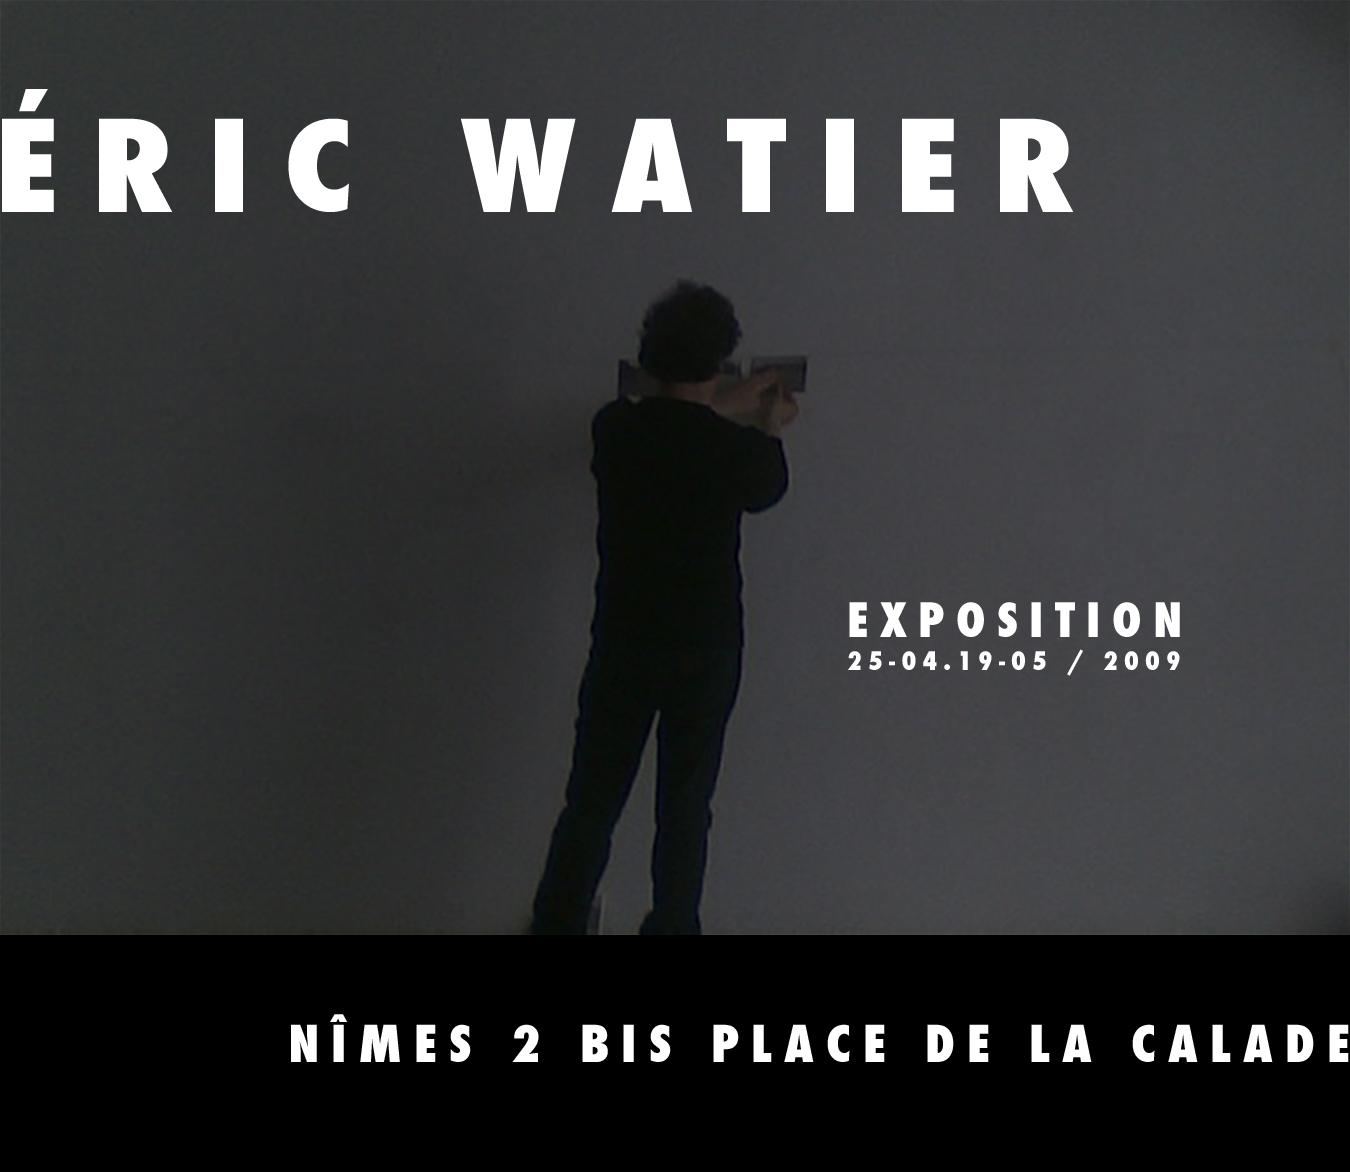 Eric Watier